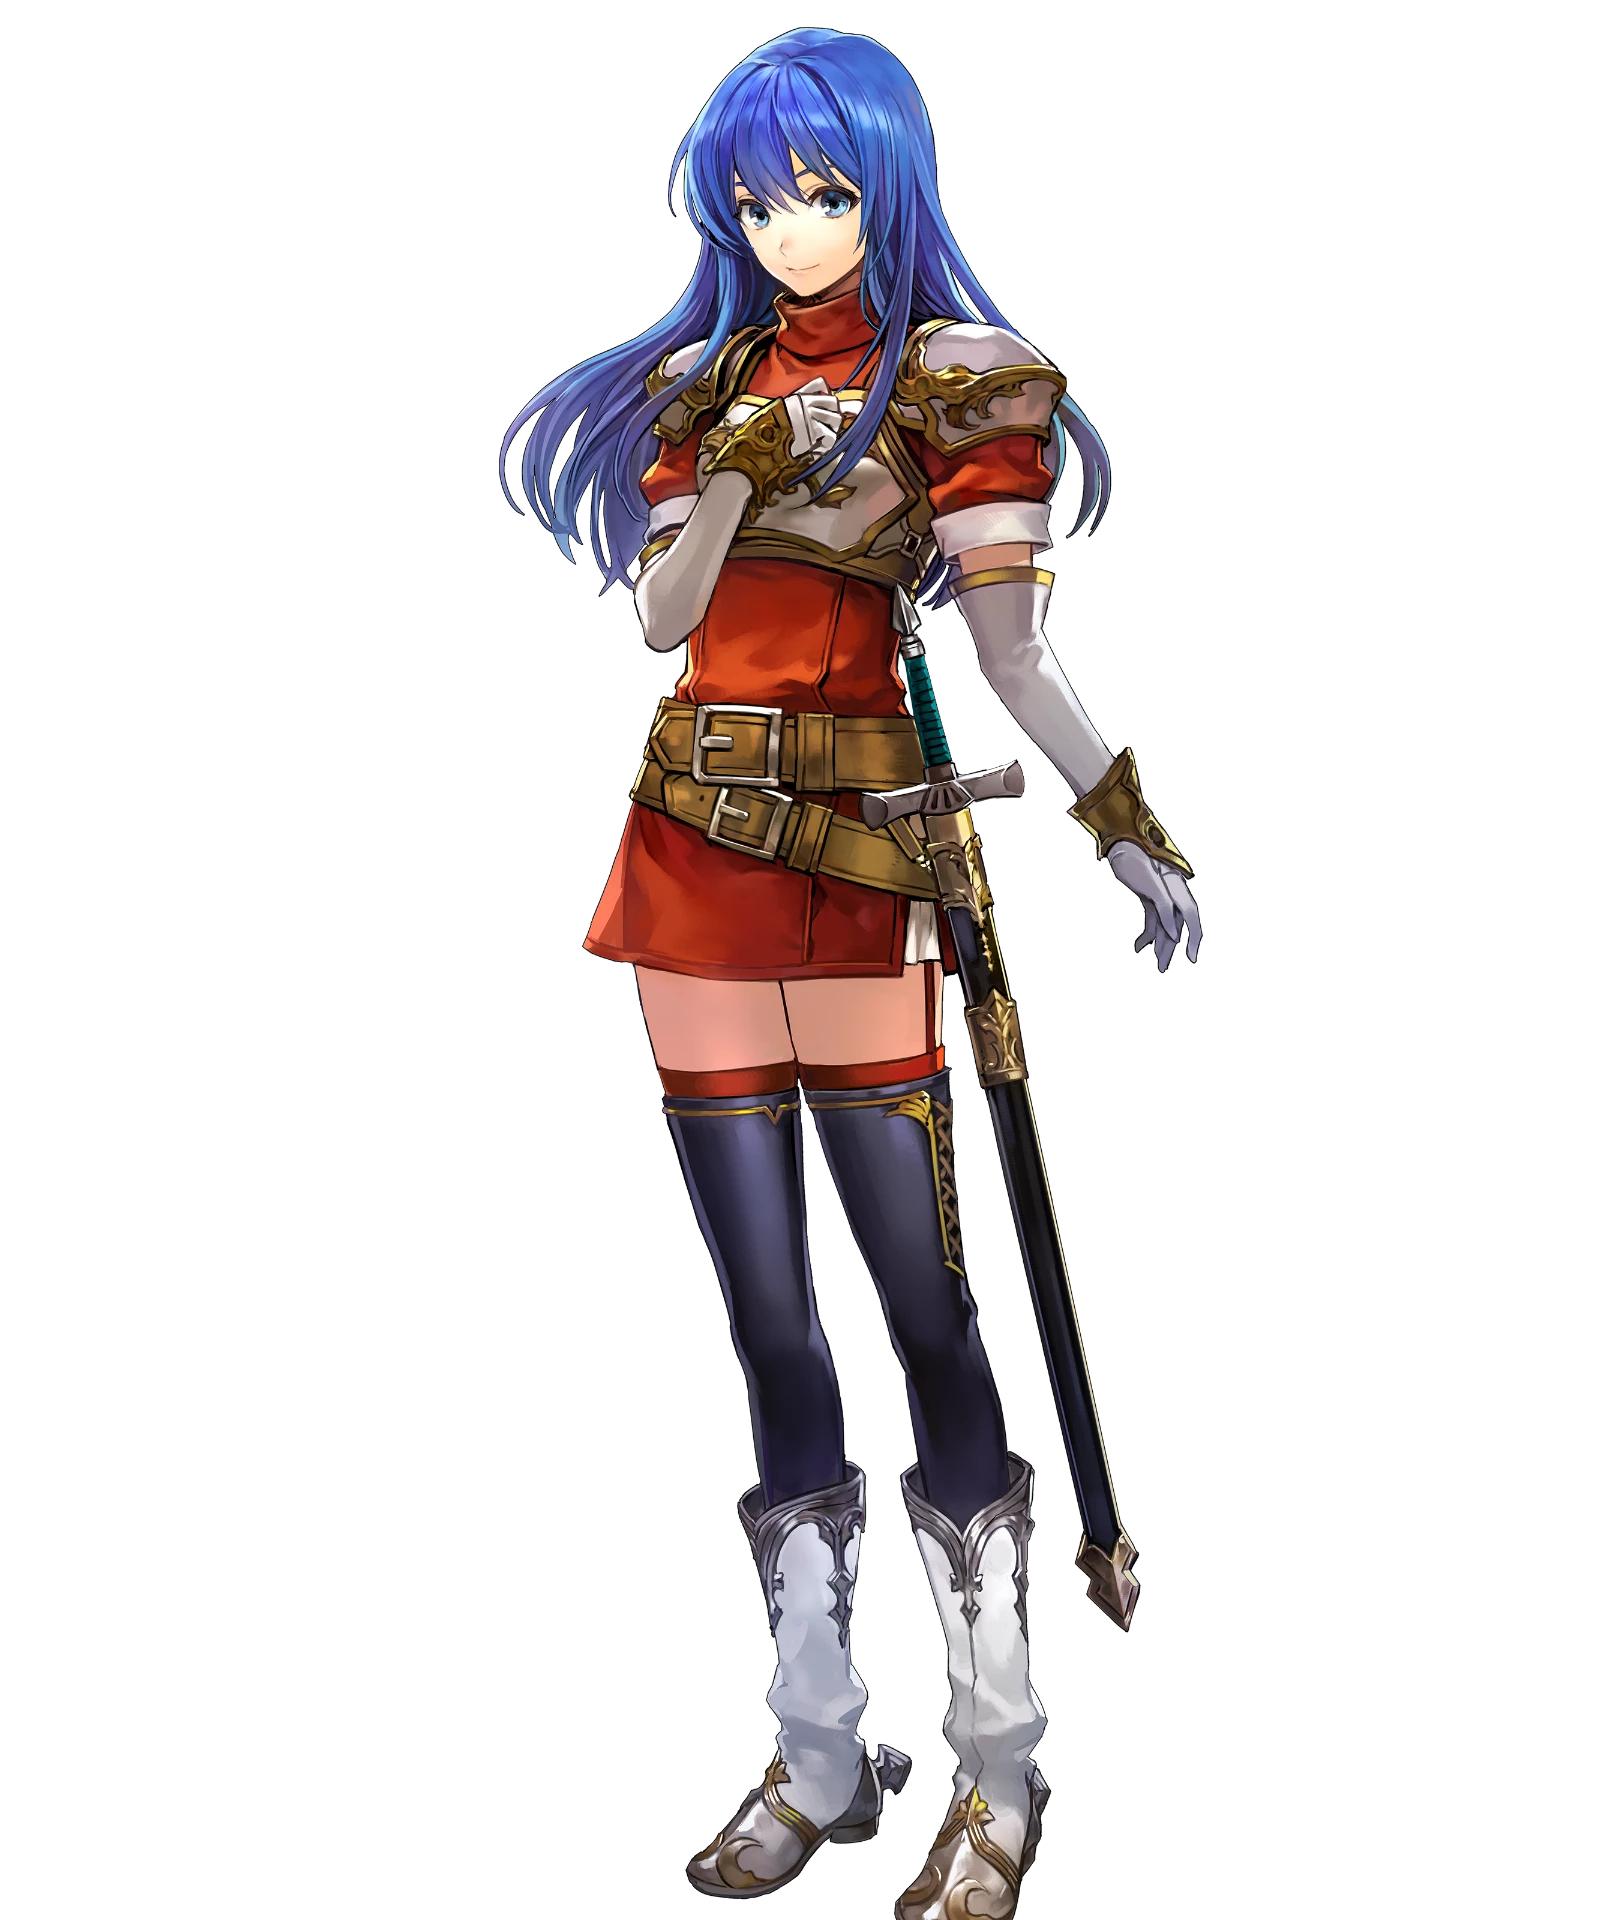 Sheeda (Fire Emblem) (Caeda (fire Emblem)) - Fire Emblem: Monshou no Nazo - Image #3102883